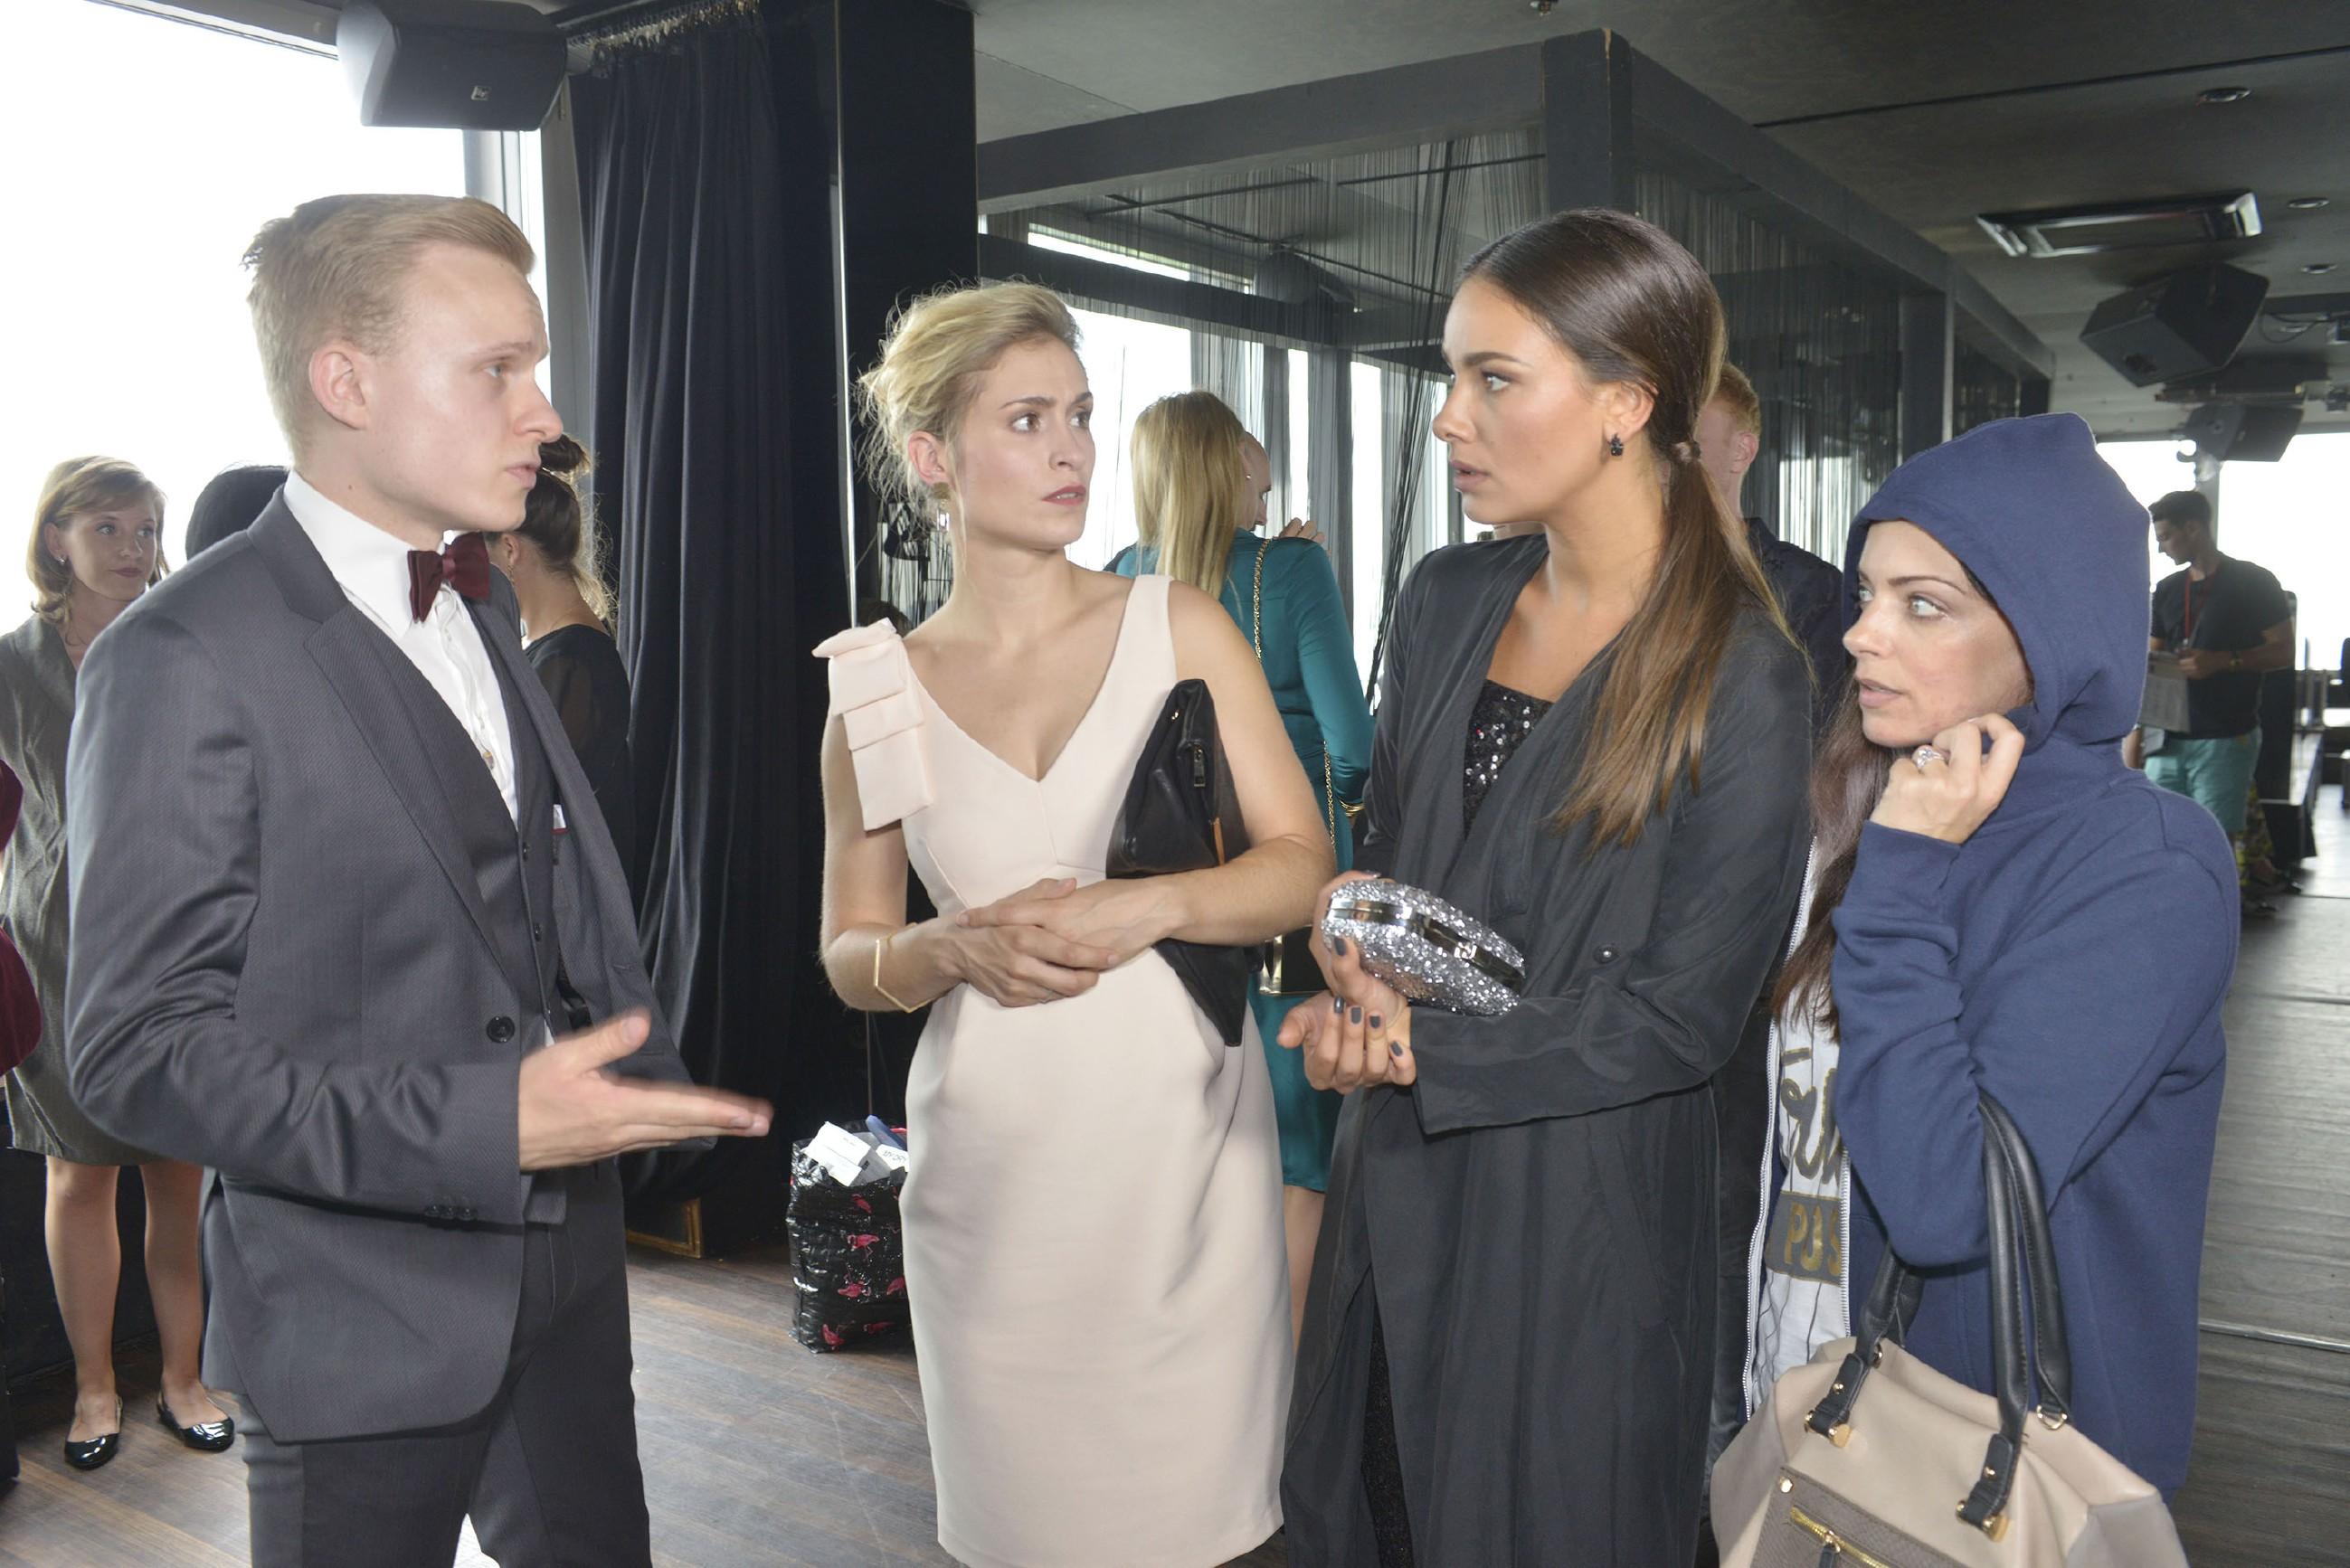 Emily (Anne Menden, r.) und Jasmin (Janina Uhse, 2.v.r.) sind geschockt, als ihnen im Beisein von Sophie (Lea Marlen Woitack) der Fashion-Award wieder aberkannt wird (l. Komparse). (Quelle: RTL / Rolf Baumgartner)